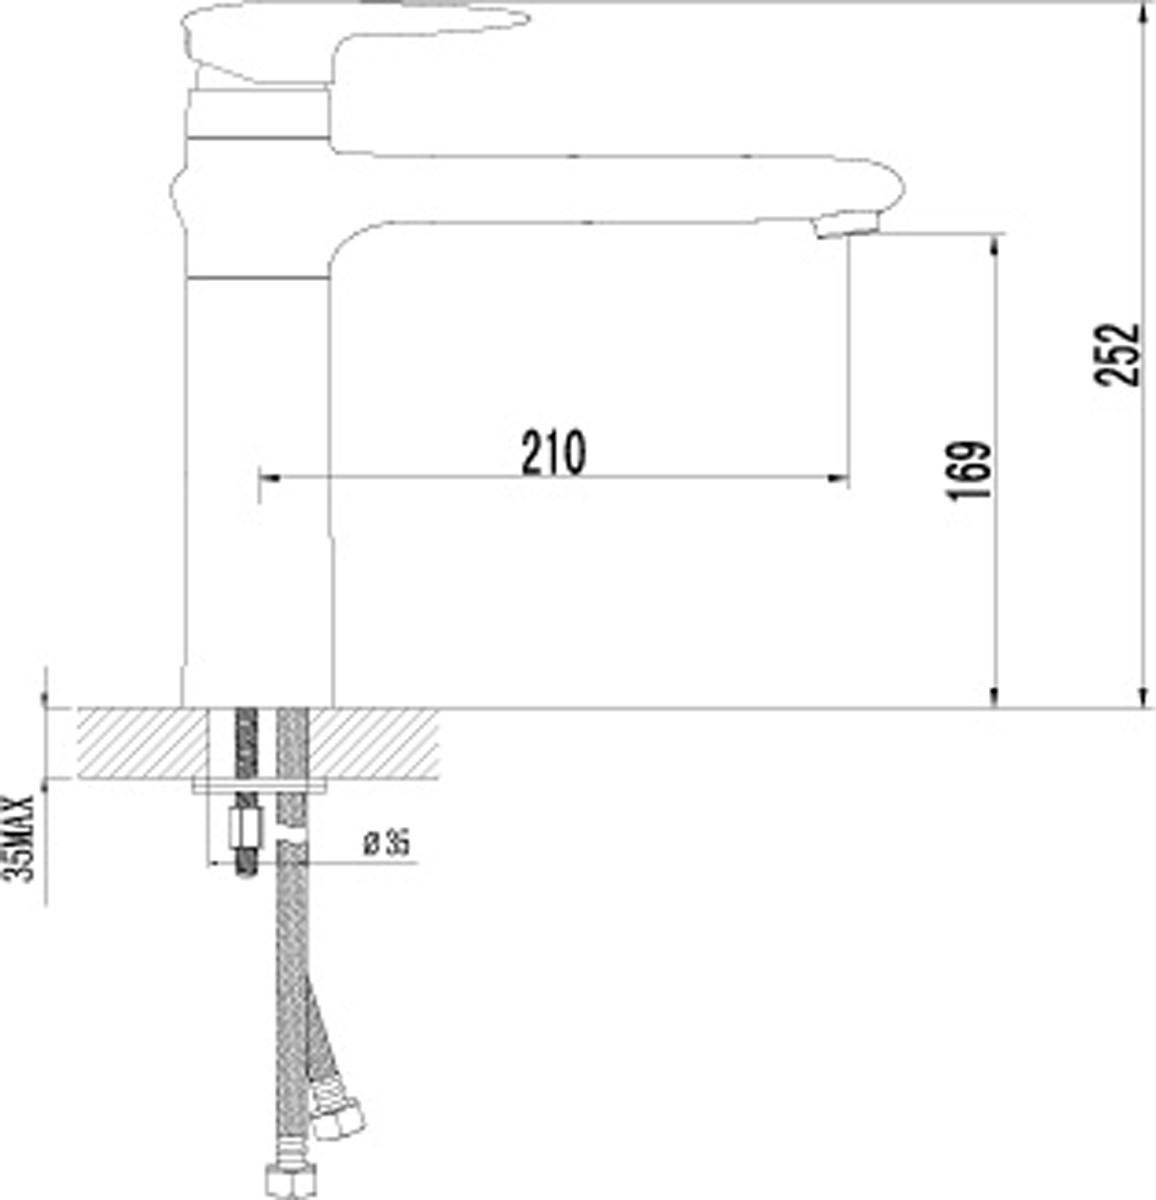 """Смеситель для кухни с поворотным изливом Аэратор NEOPERL-CASCADE Керамический картридж 40 мм. SEDAL Гибкая подводка 1/2"""" 35 см Металлическая рукоятка"""